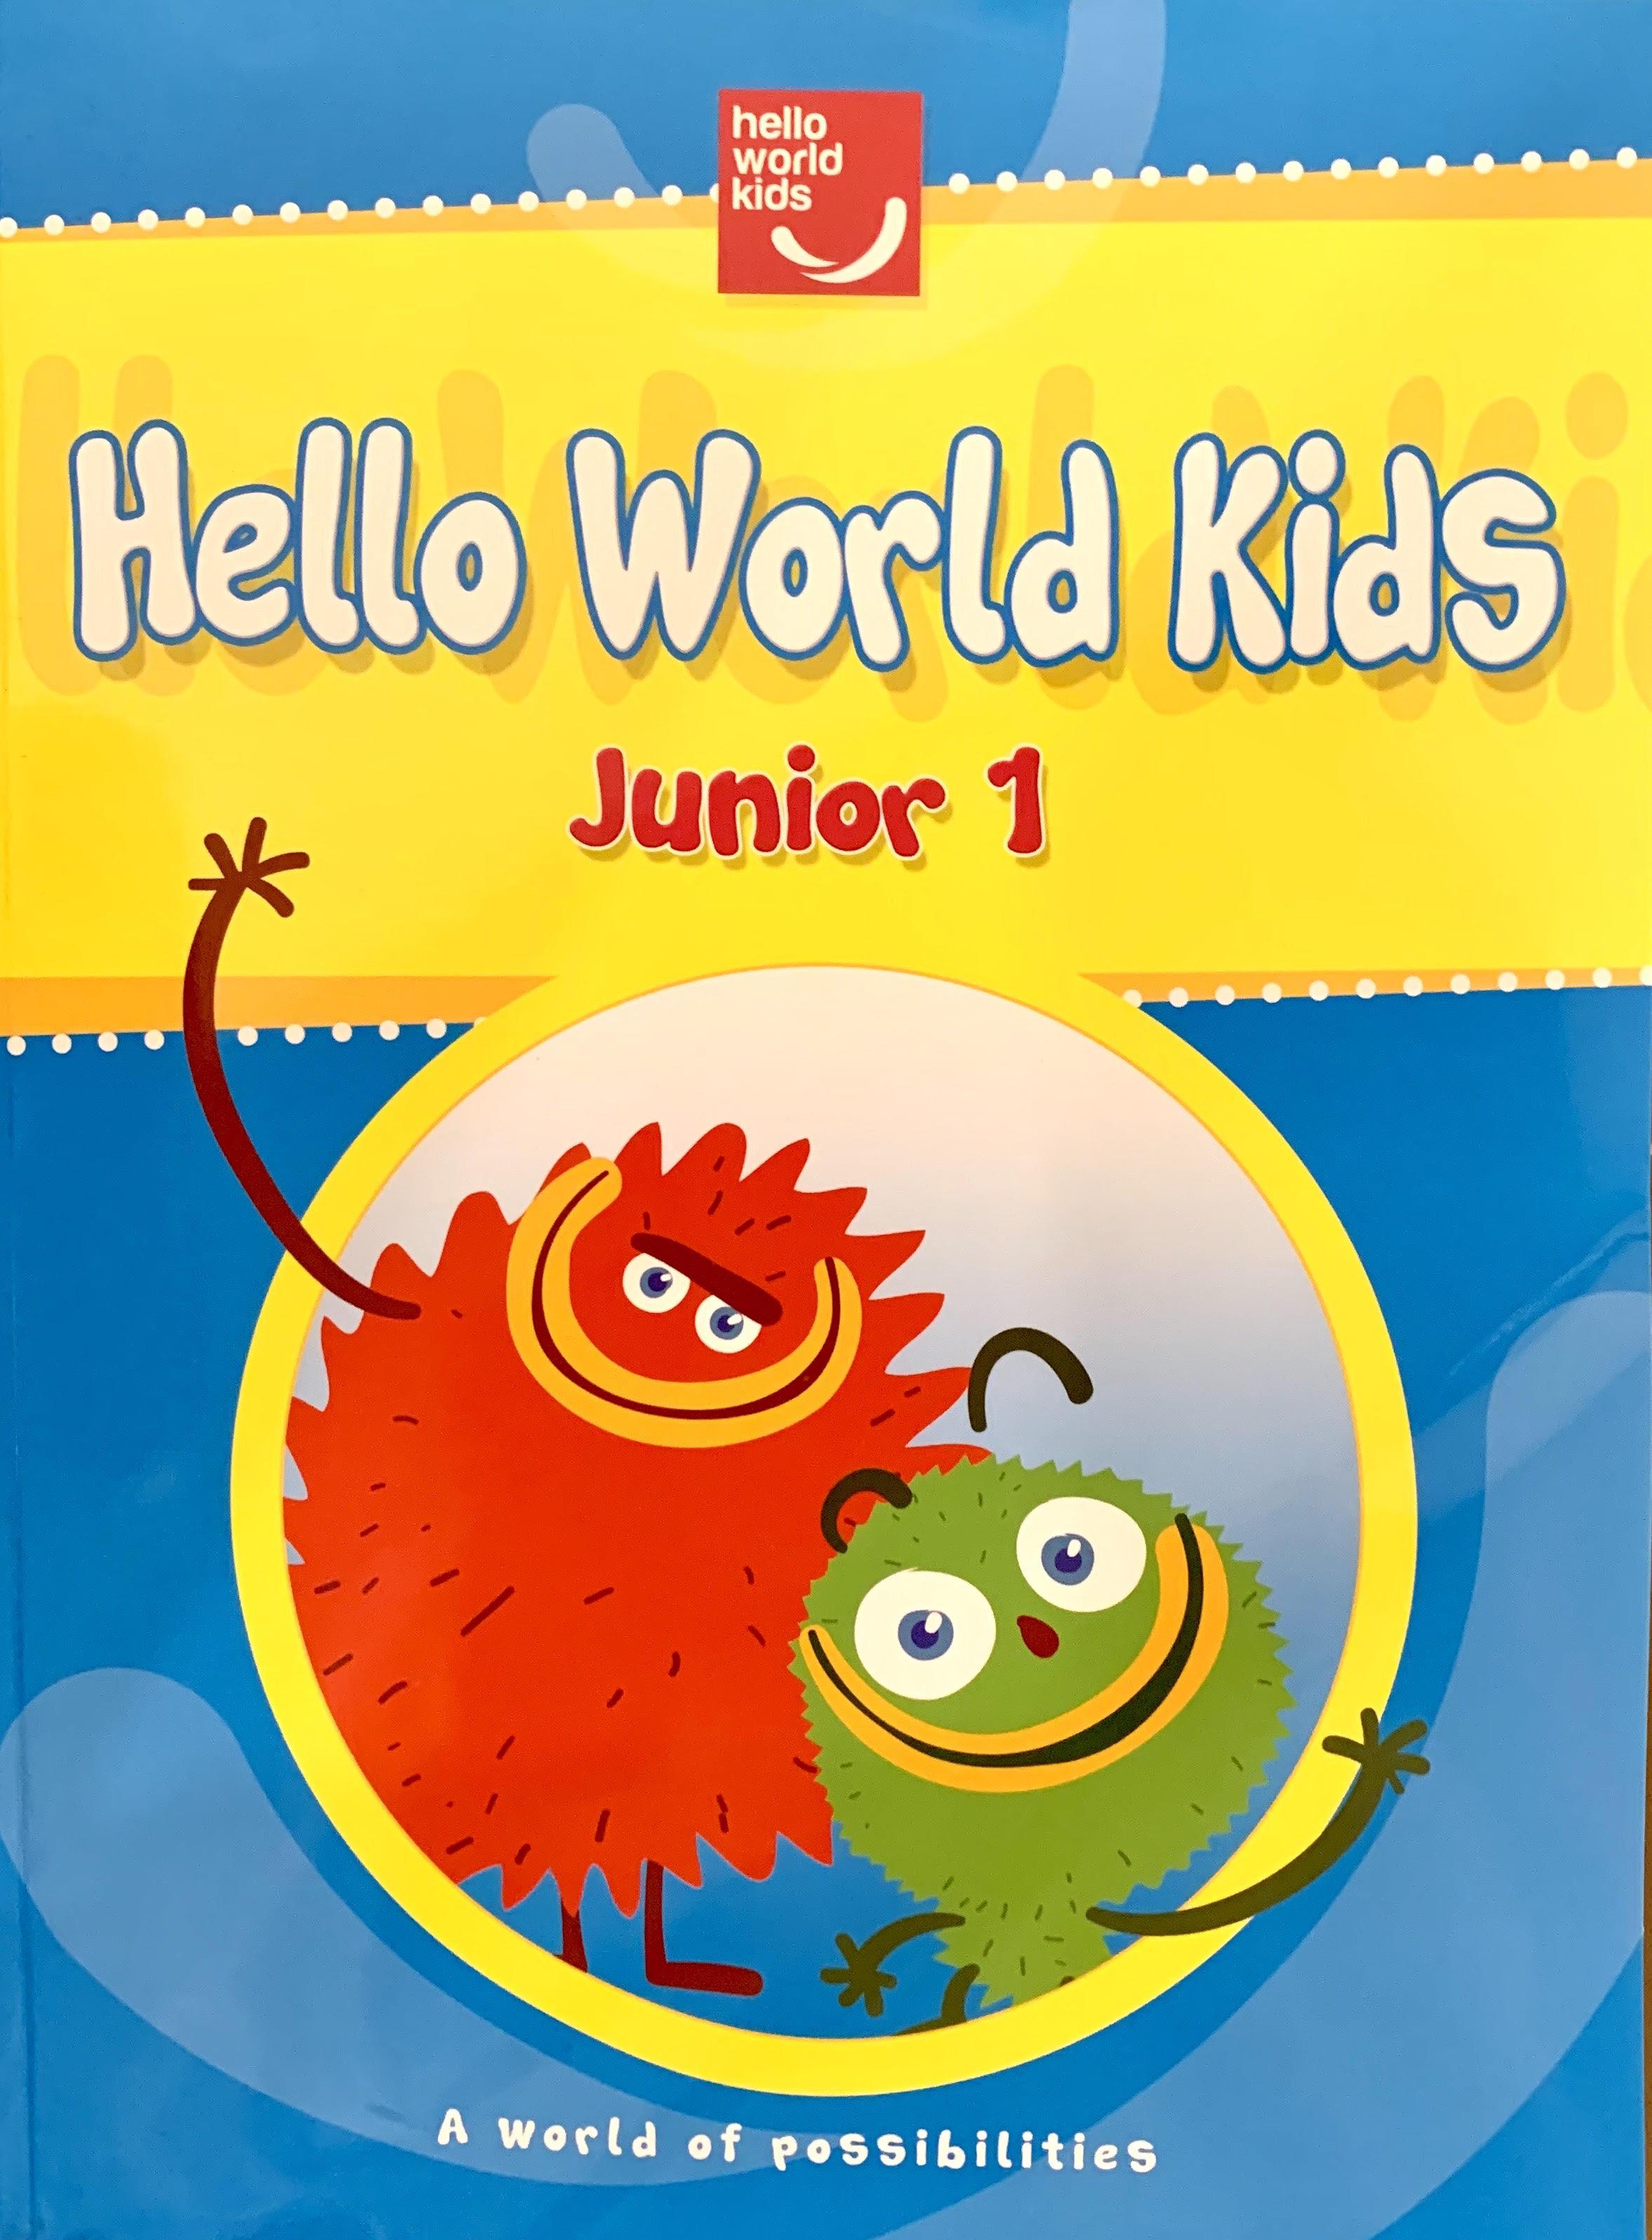 Hello World Kids Junior 1